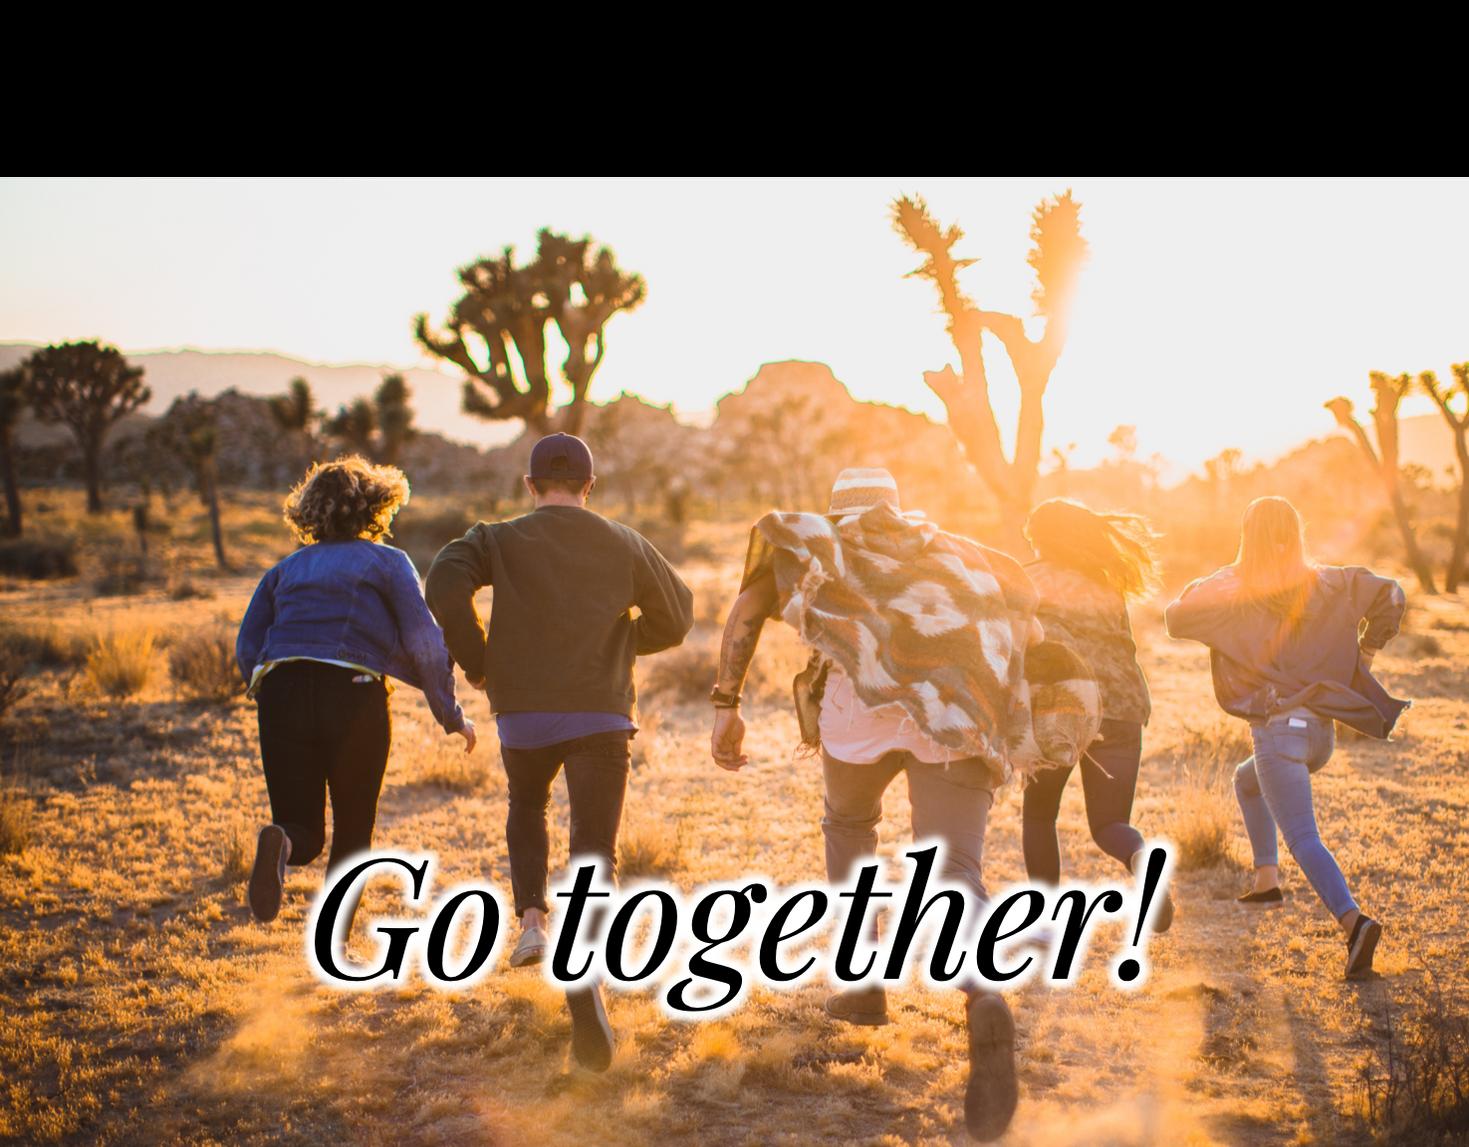 Go together!.png